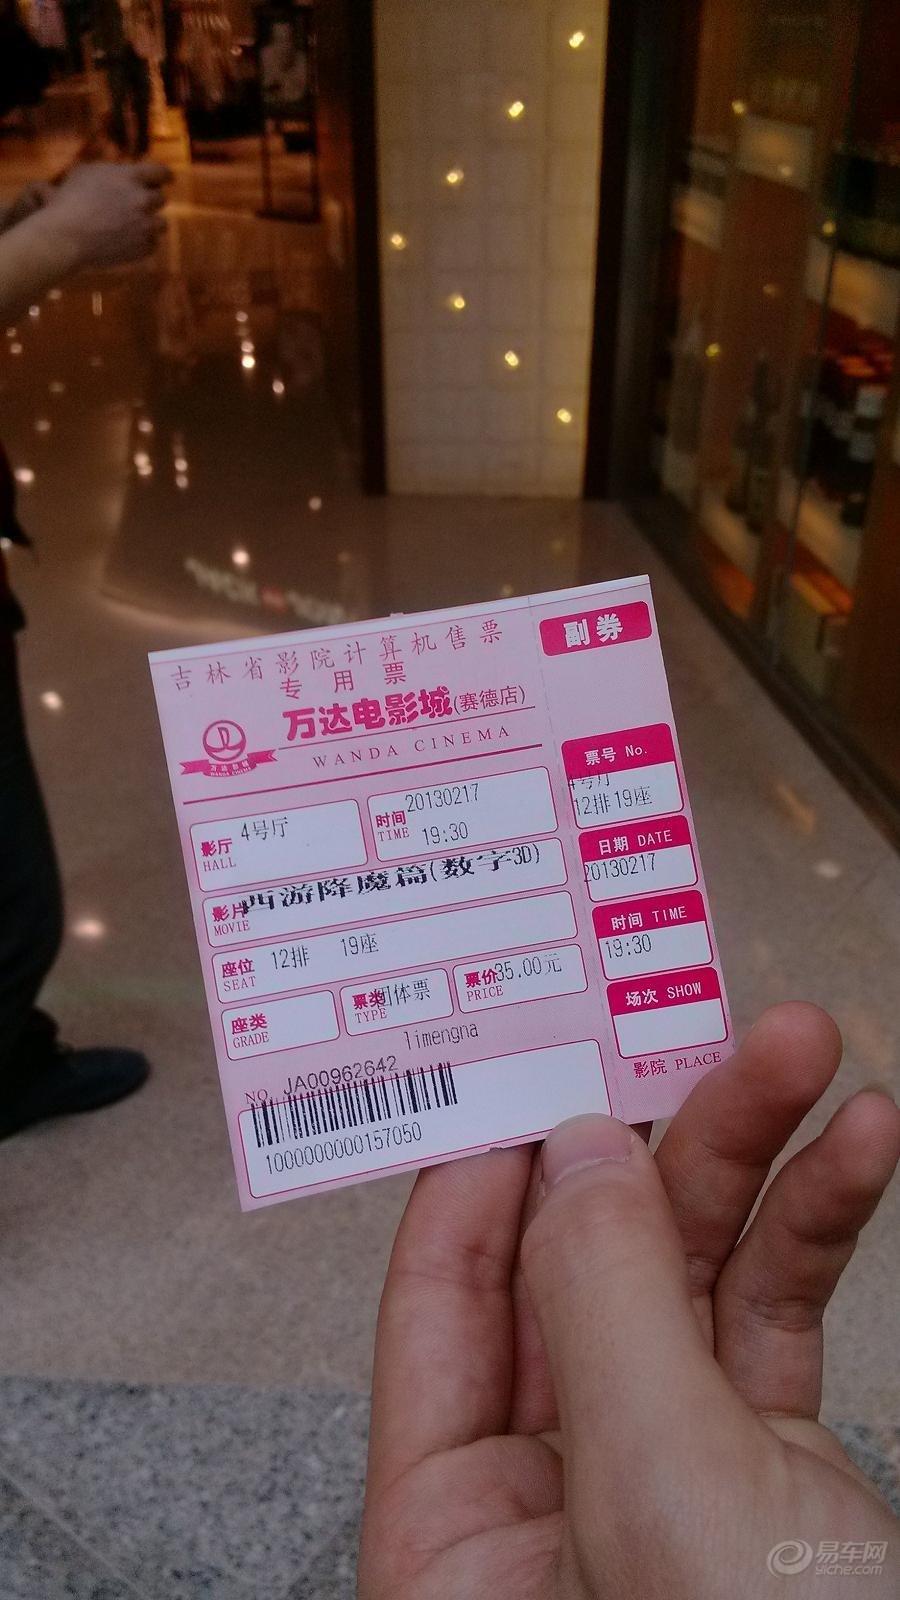 情人节中华汽车请客看电影,趁机抱得香车美人归高清图片